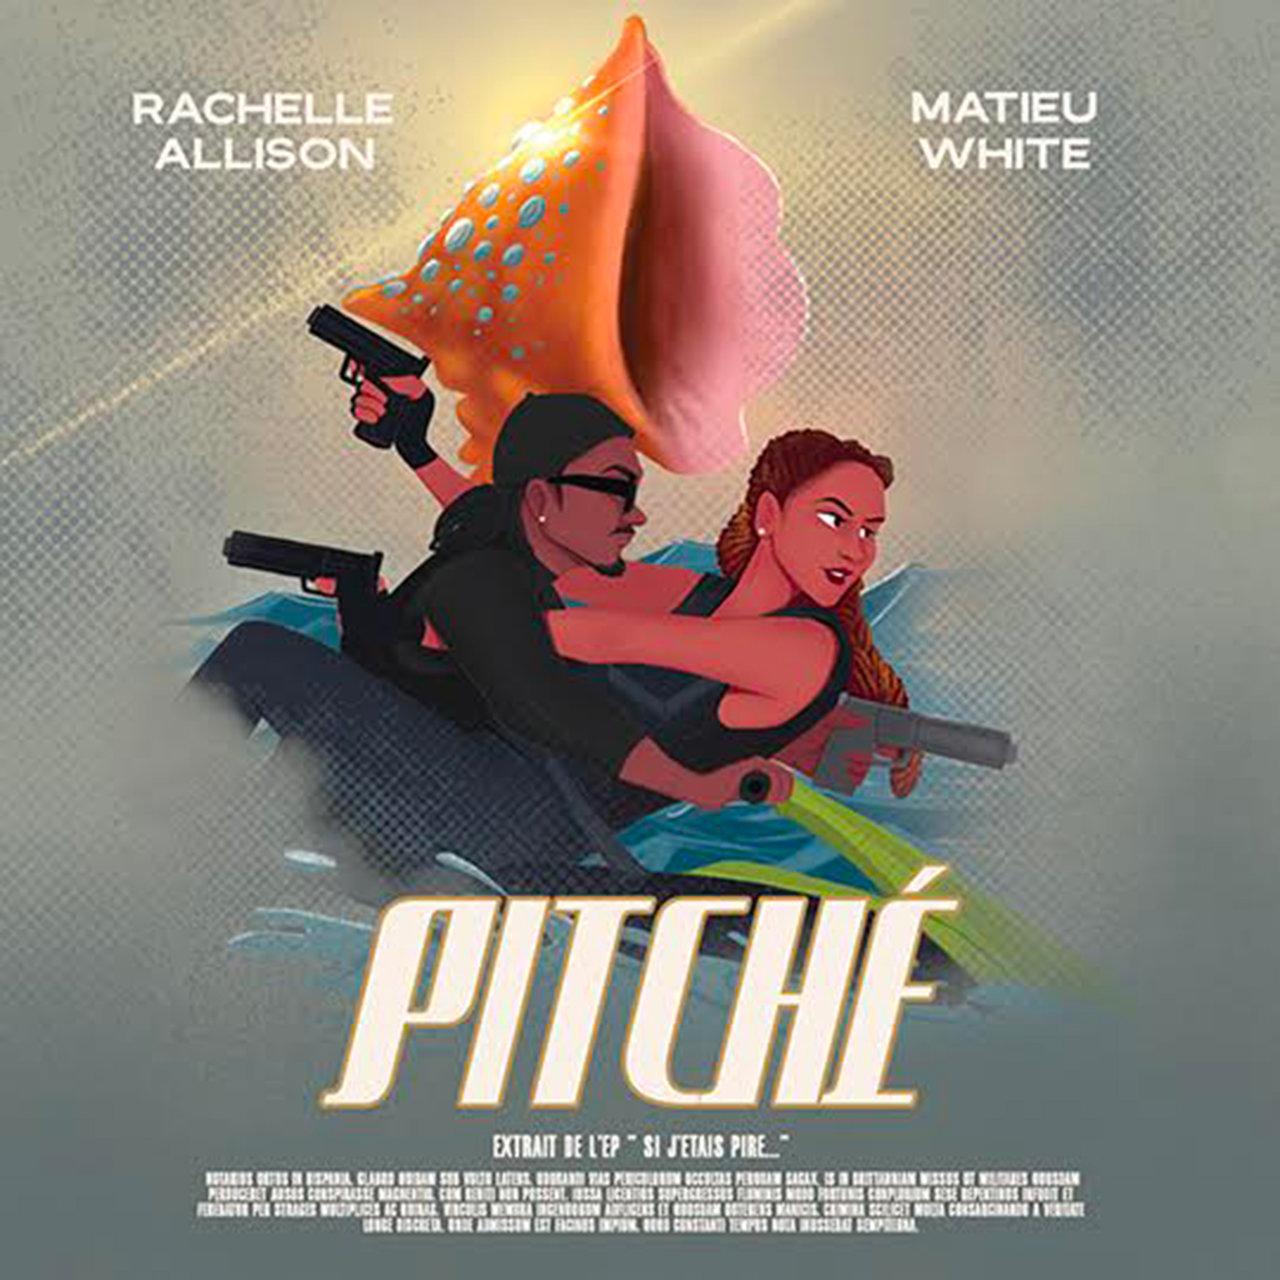 Rachelle Allison - Pitché (ft. Matieu White) (Cover)